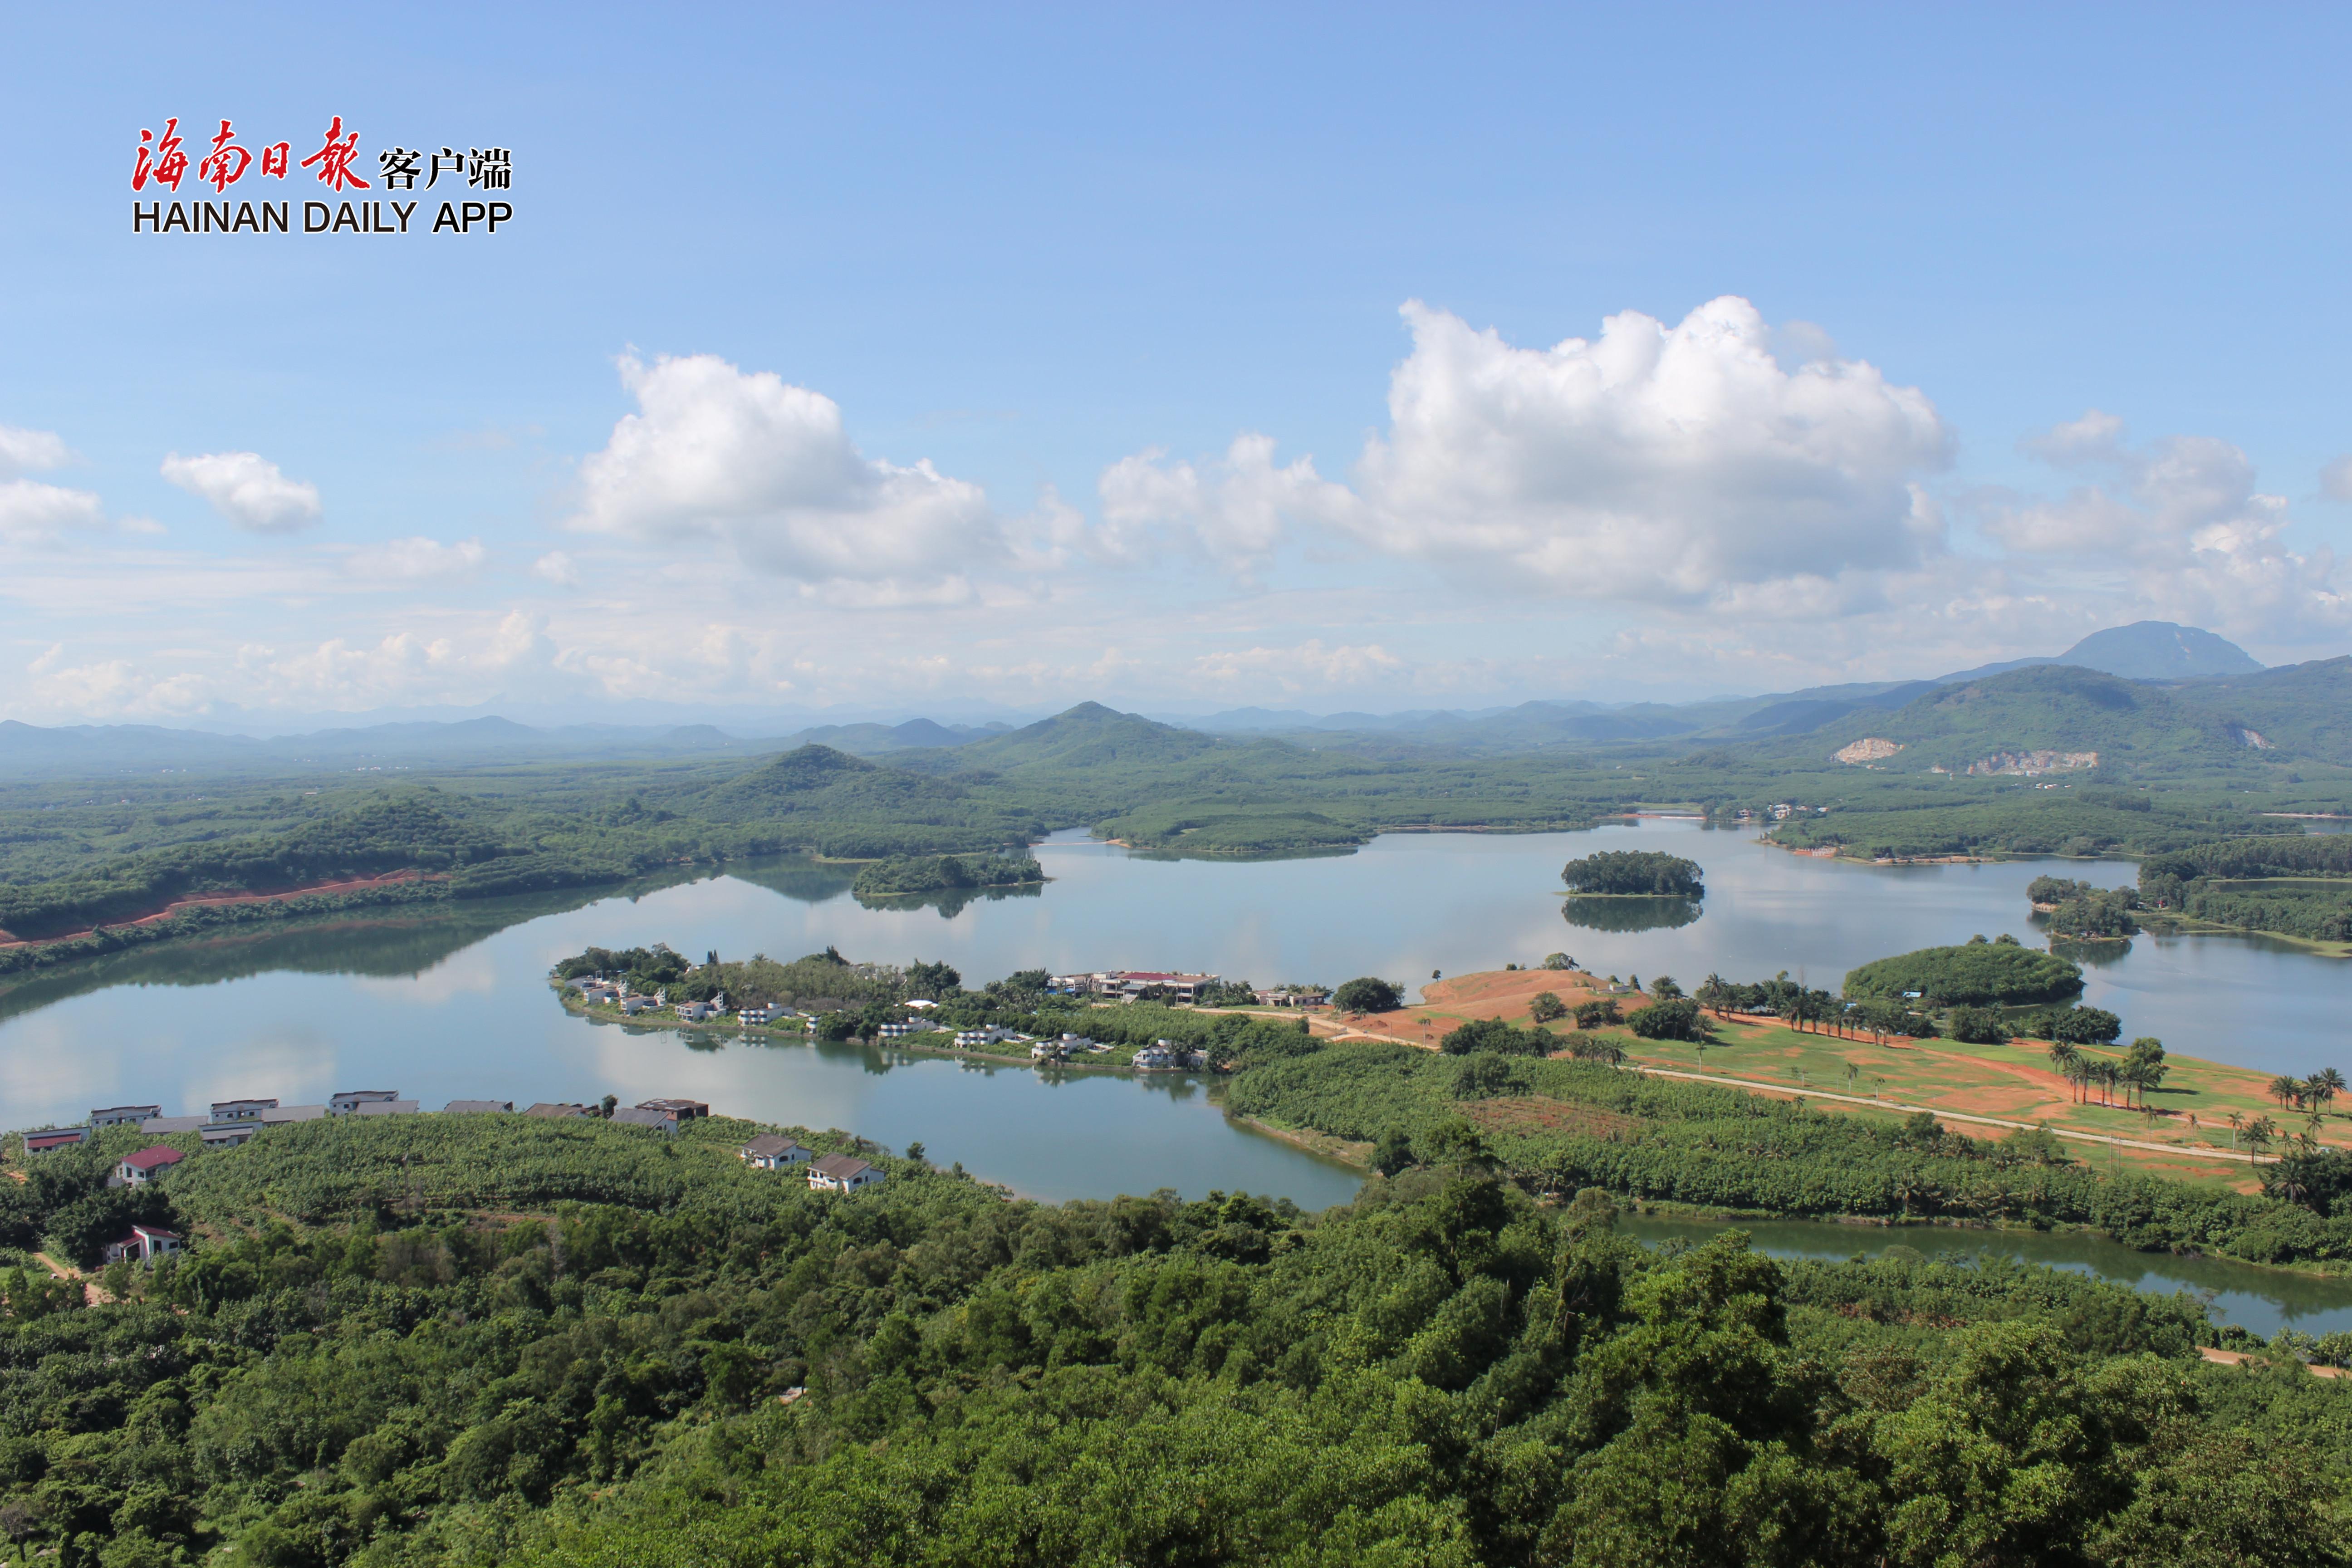 图四,儋州云月湖全景。本报记者易宗平摄_副本.jpg